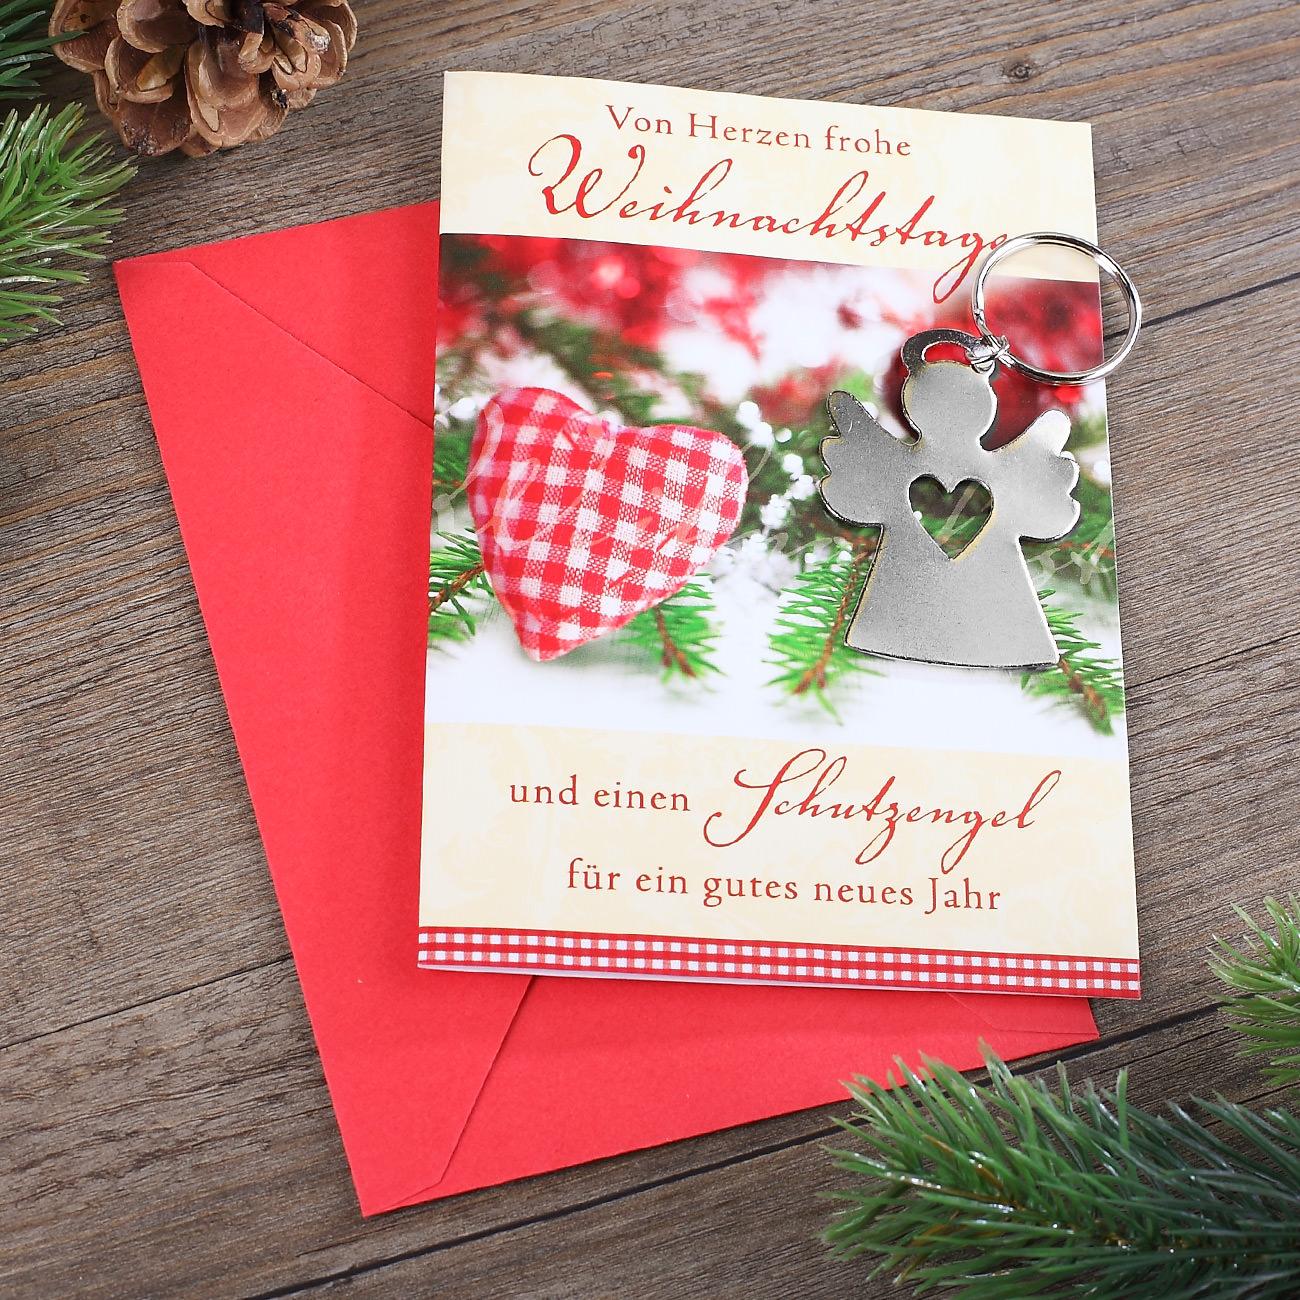 gru karten karten zu weihnachten weihnachtskarten. Black Bedroom Furniture Sets. Home Design Ideas